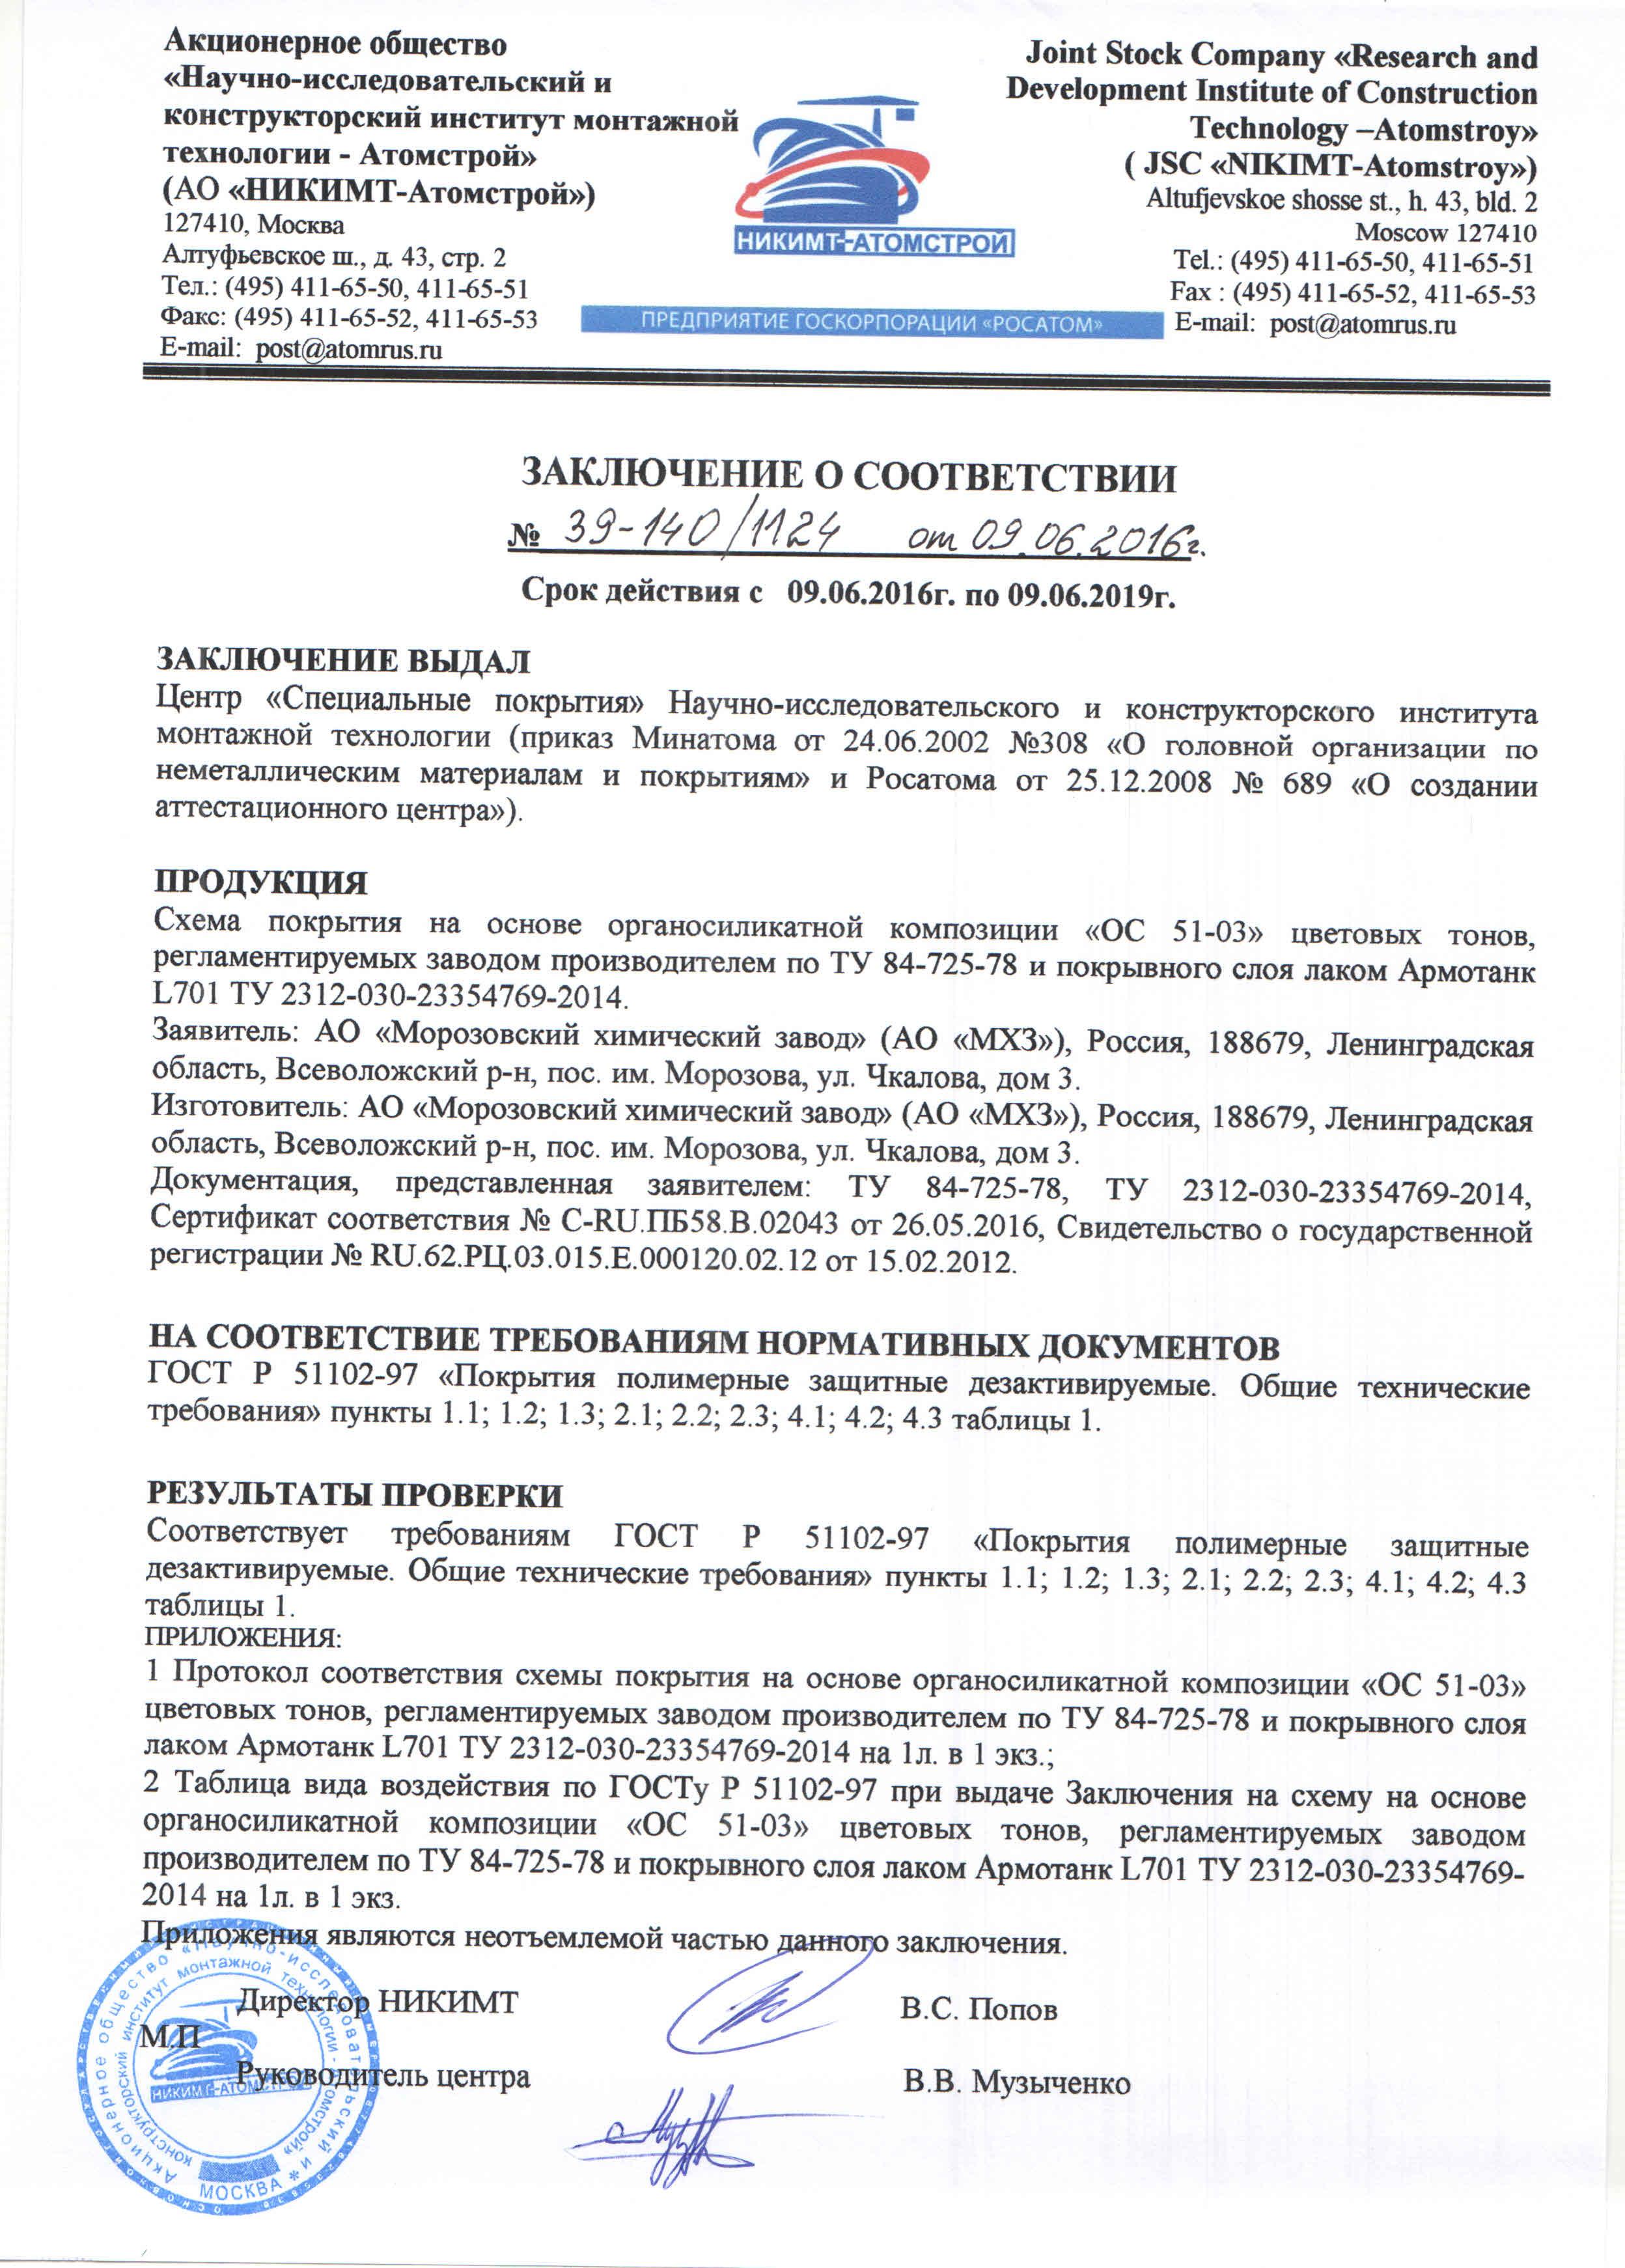 Заключение НИКИМТ ОС-51-03 + L701_Страница_1